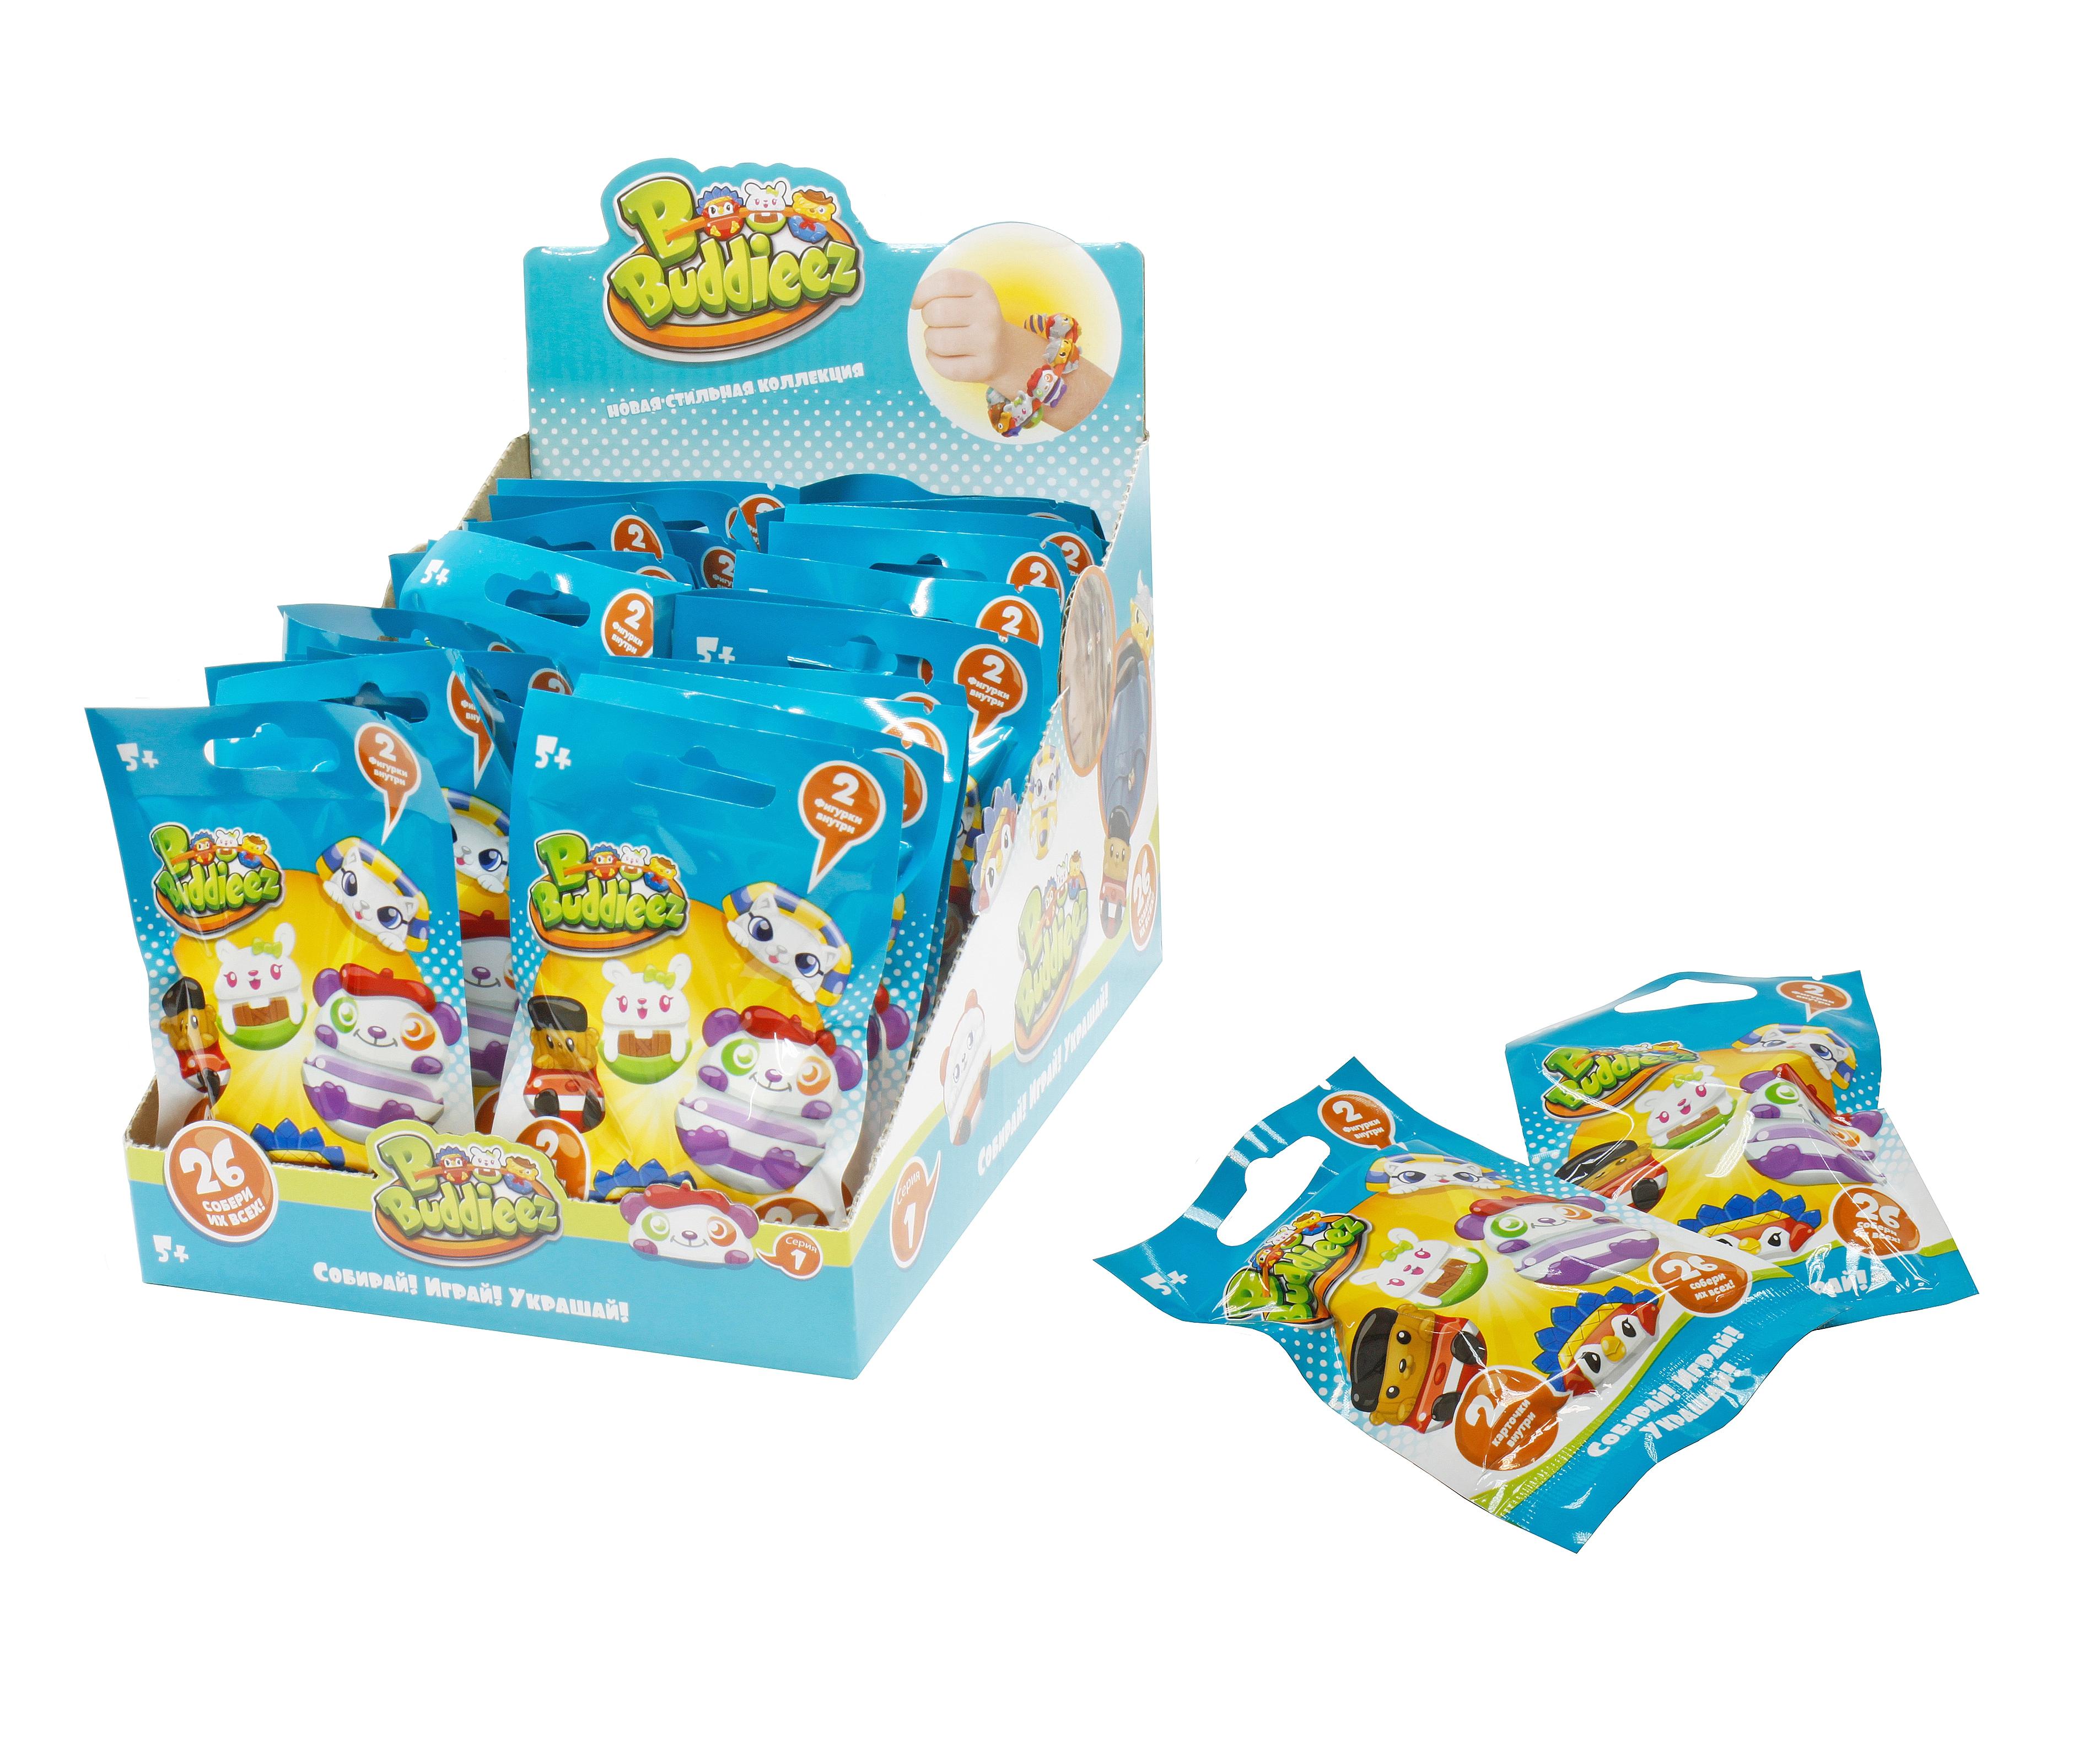 Украшения 1toy Набор 1TOY «Bbuddieez» с 2 шармами и 2 карточками в закрытом пакете 1toy набор bbuddieez оранжевый домик для хранения с подвеской 3 шарма персонажа 1toy